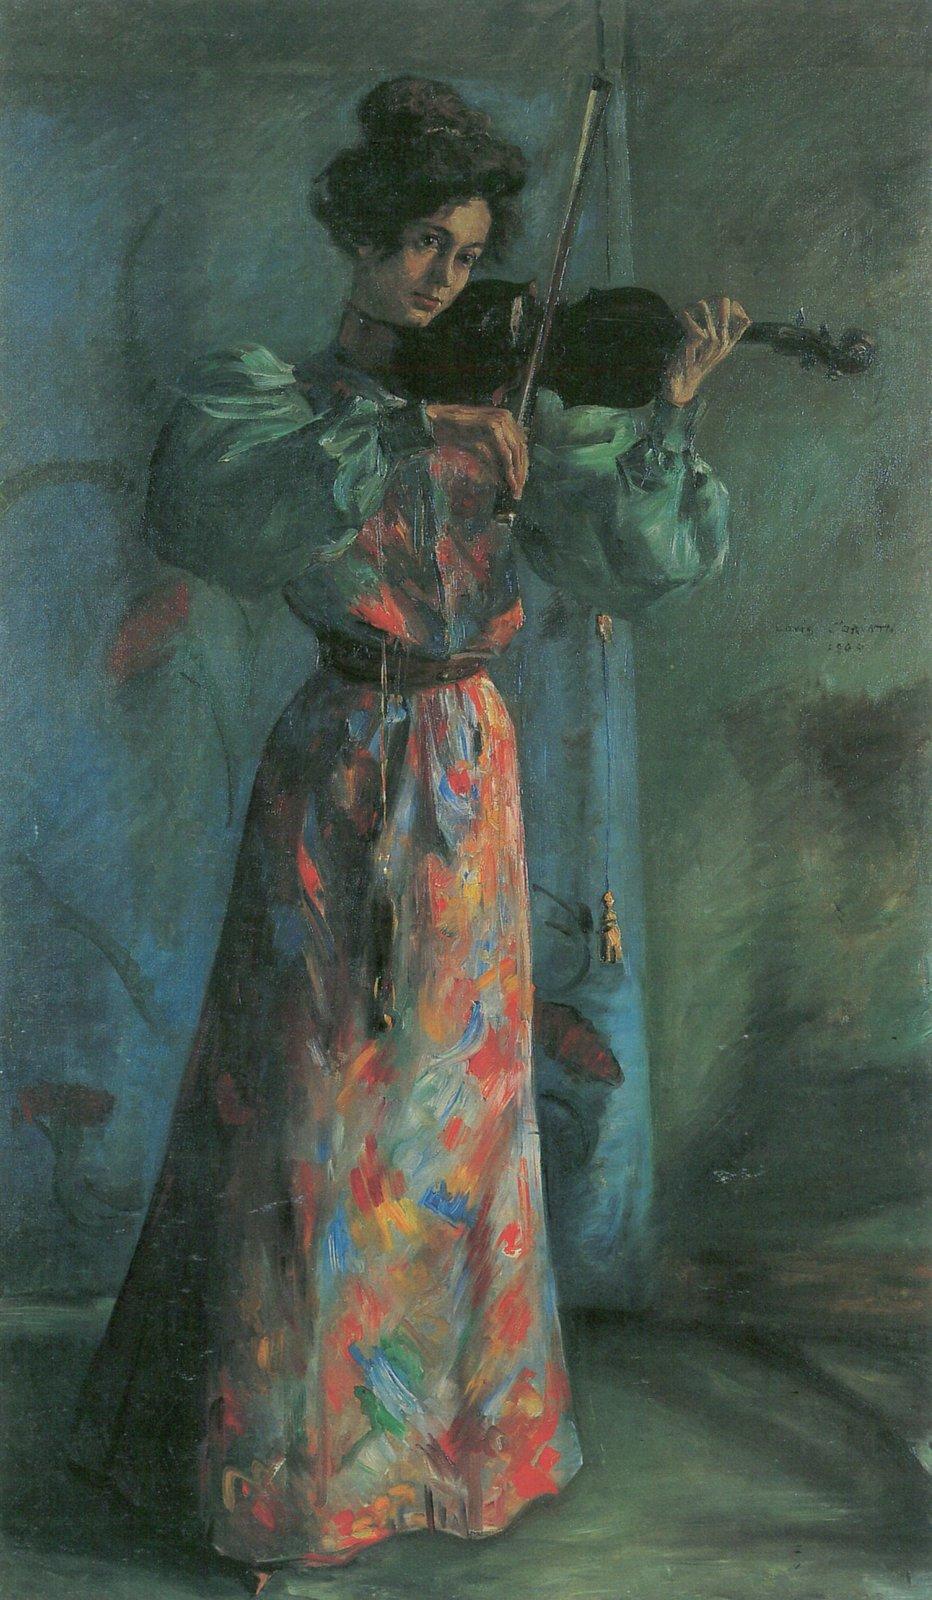 Skrzypaczka Źródło: Lovis Corinth, Skrzypaczka, 1900, olej na płótnie, zbiory prywatne, domena publiczna.